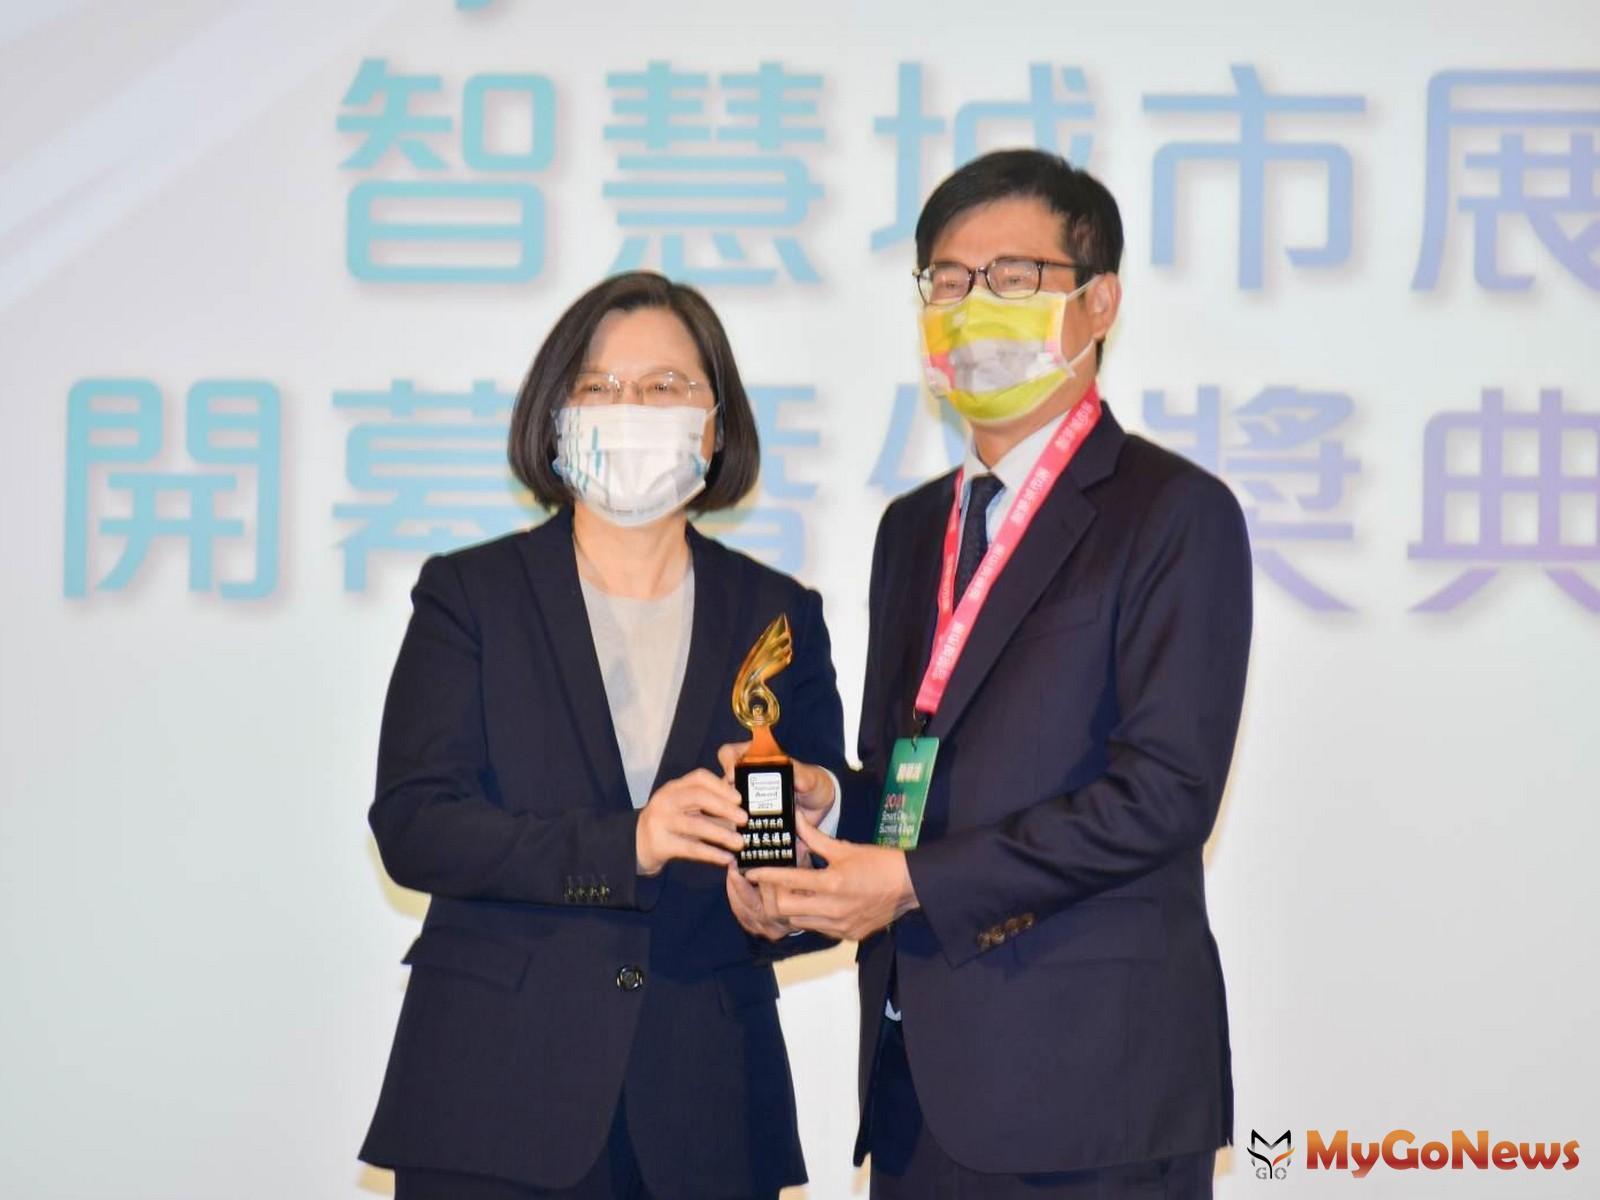 陳其邁要讓亞灣成為台灣最完整的5G AIoT實驗場域、智慧城市的新門戶(圖/高雄市政府) MyGoNews房地產新聞 區域情報